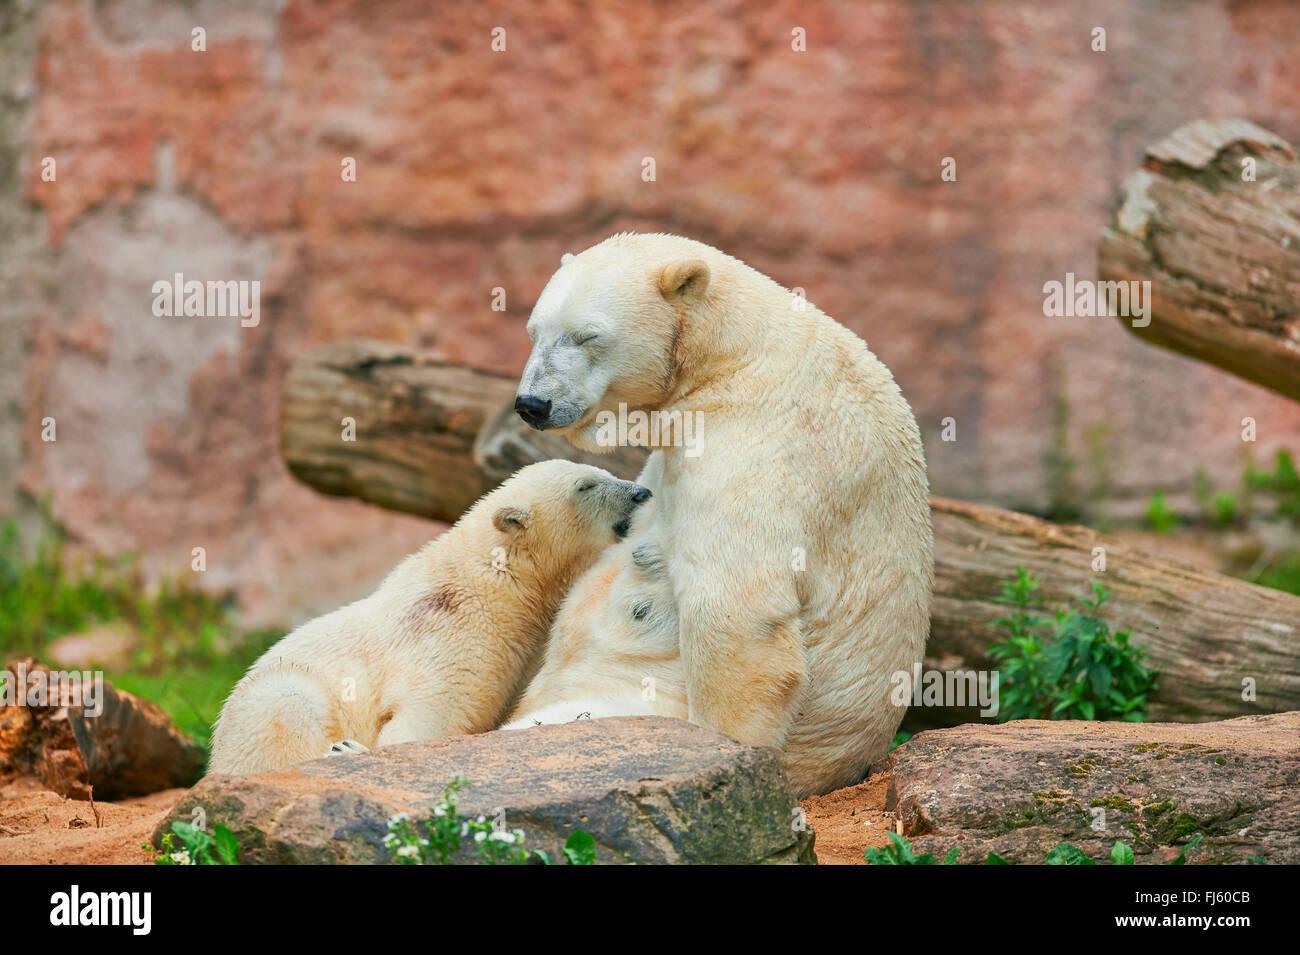 El oso polar (Ursus maritimus), osezno polar es amamantado por su madre Imagen De Stock